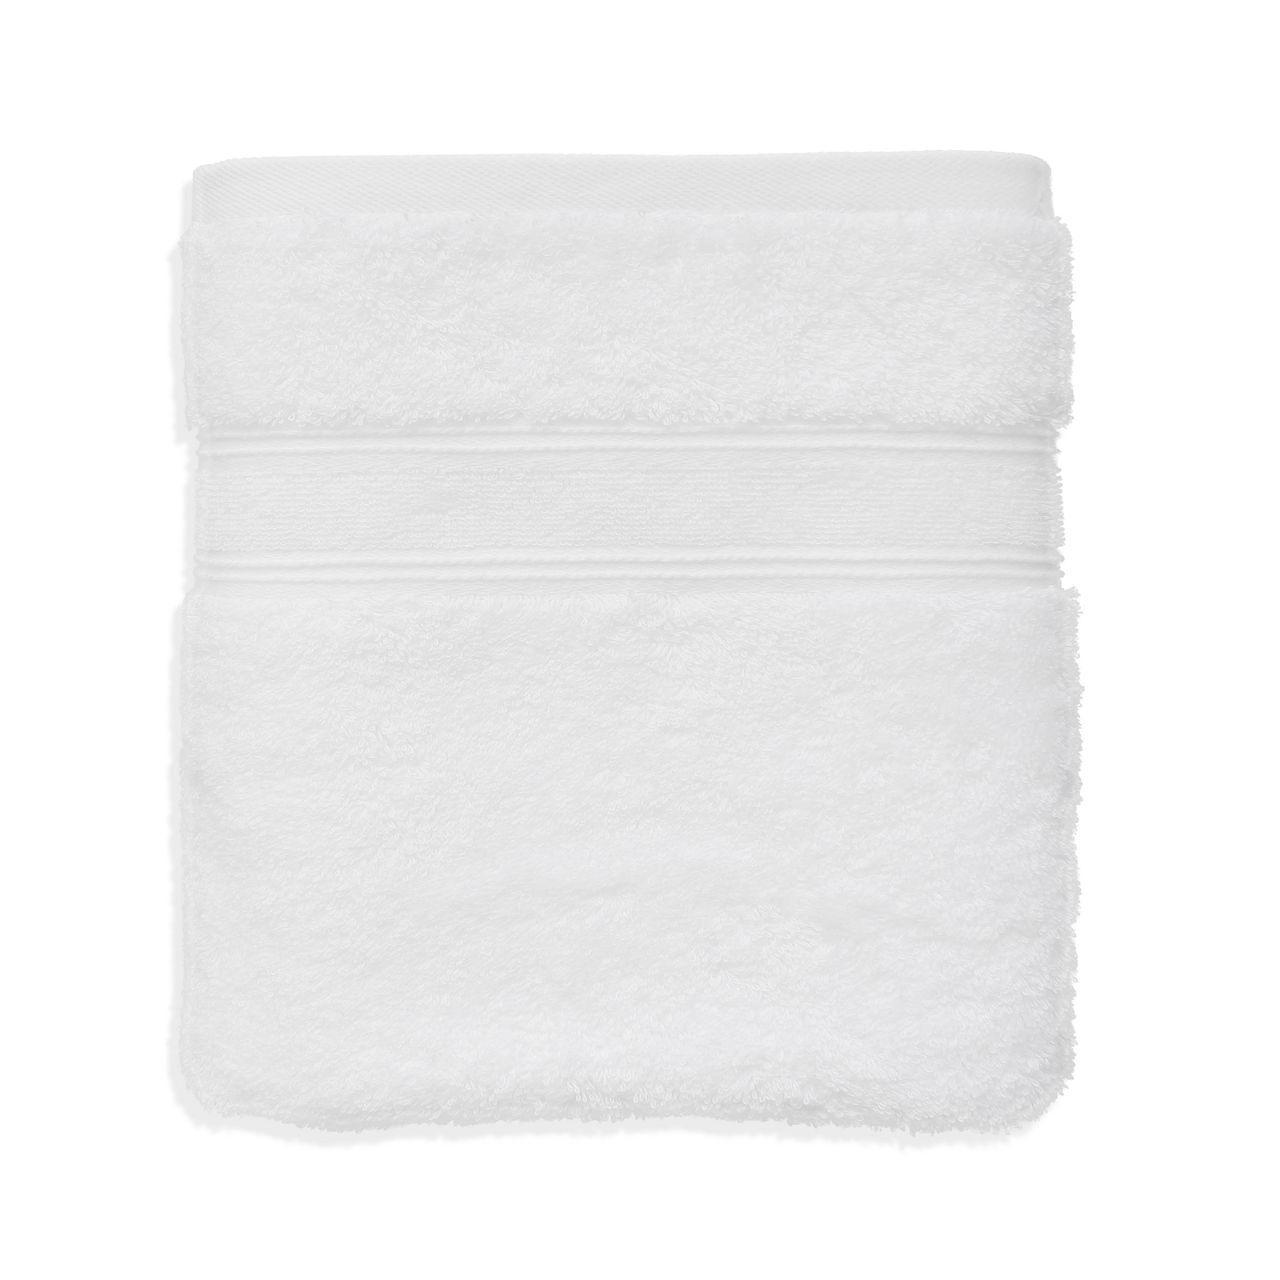 Полотенце махровые хлопковые белые Турция 420 г/м2 Berra